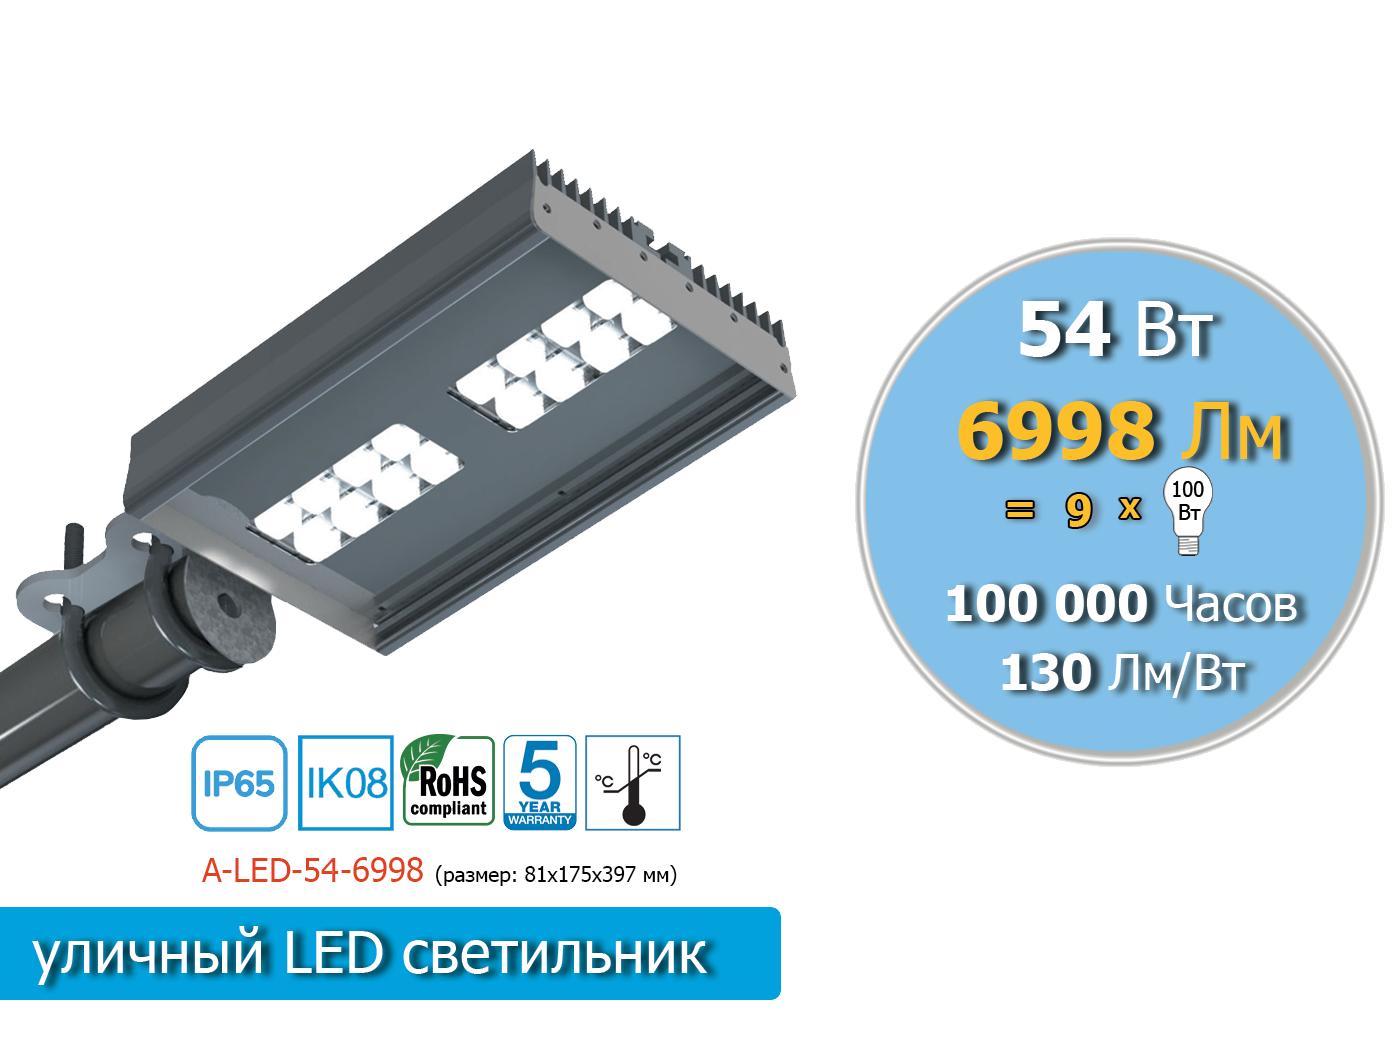 A-LED-54-6998-S